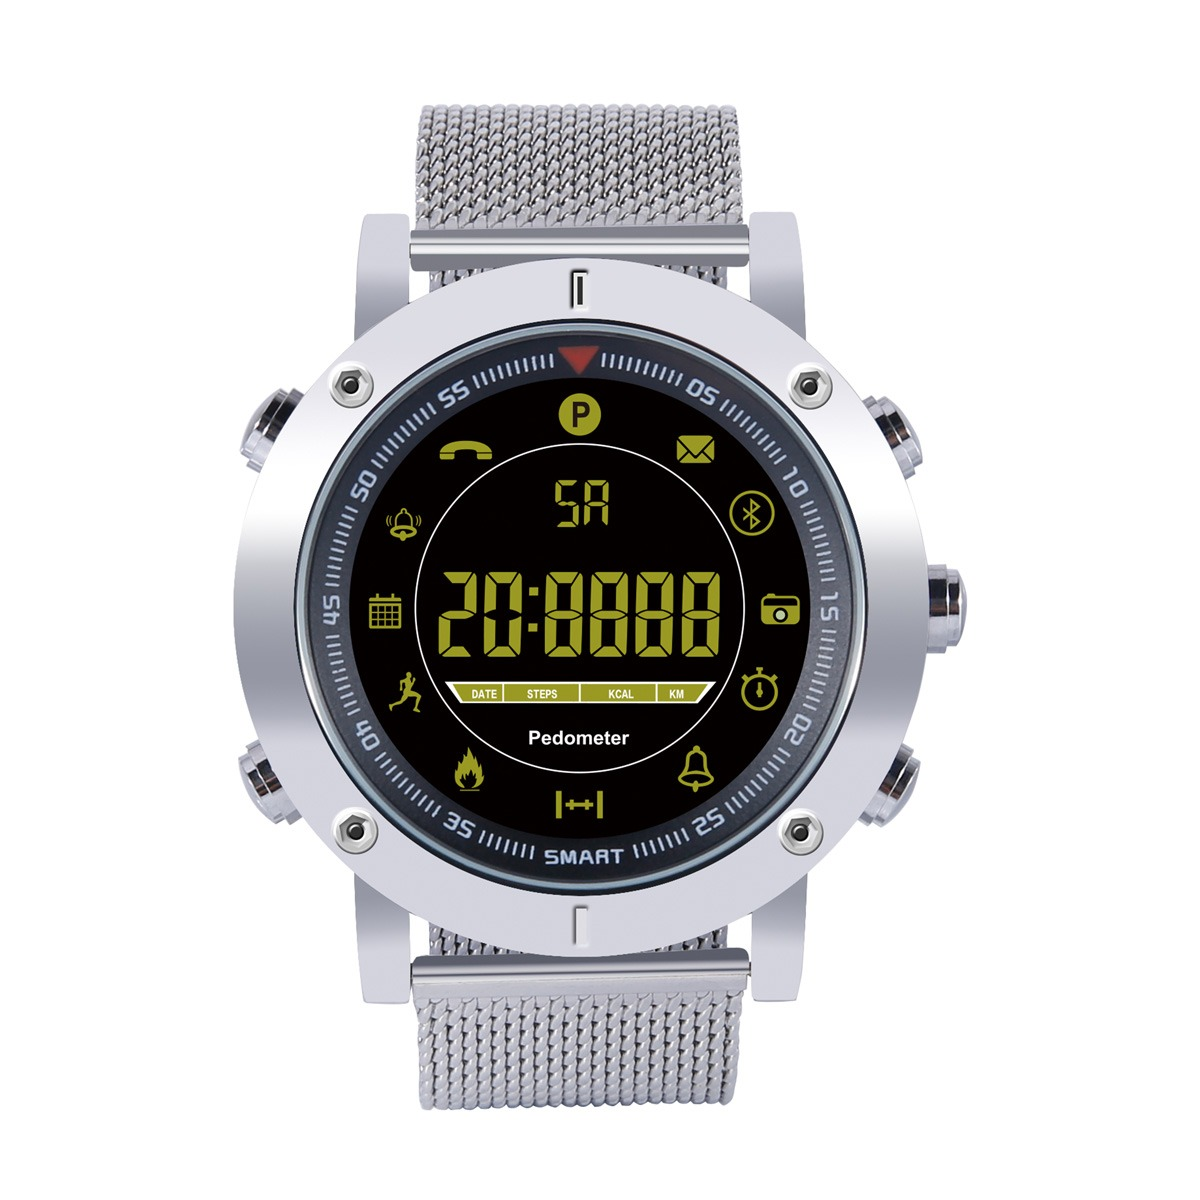 234a5fccf7a1 Reloj Deportivo Hombre Digital Sumergible 50 M Militar -   643.91 en ...